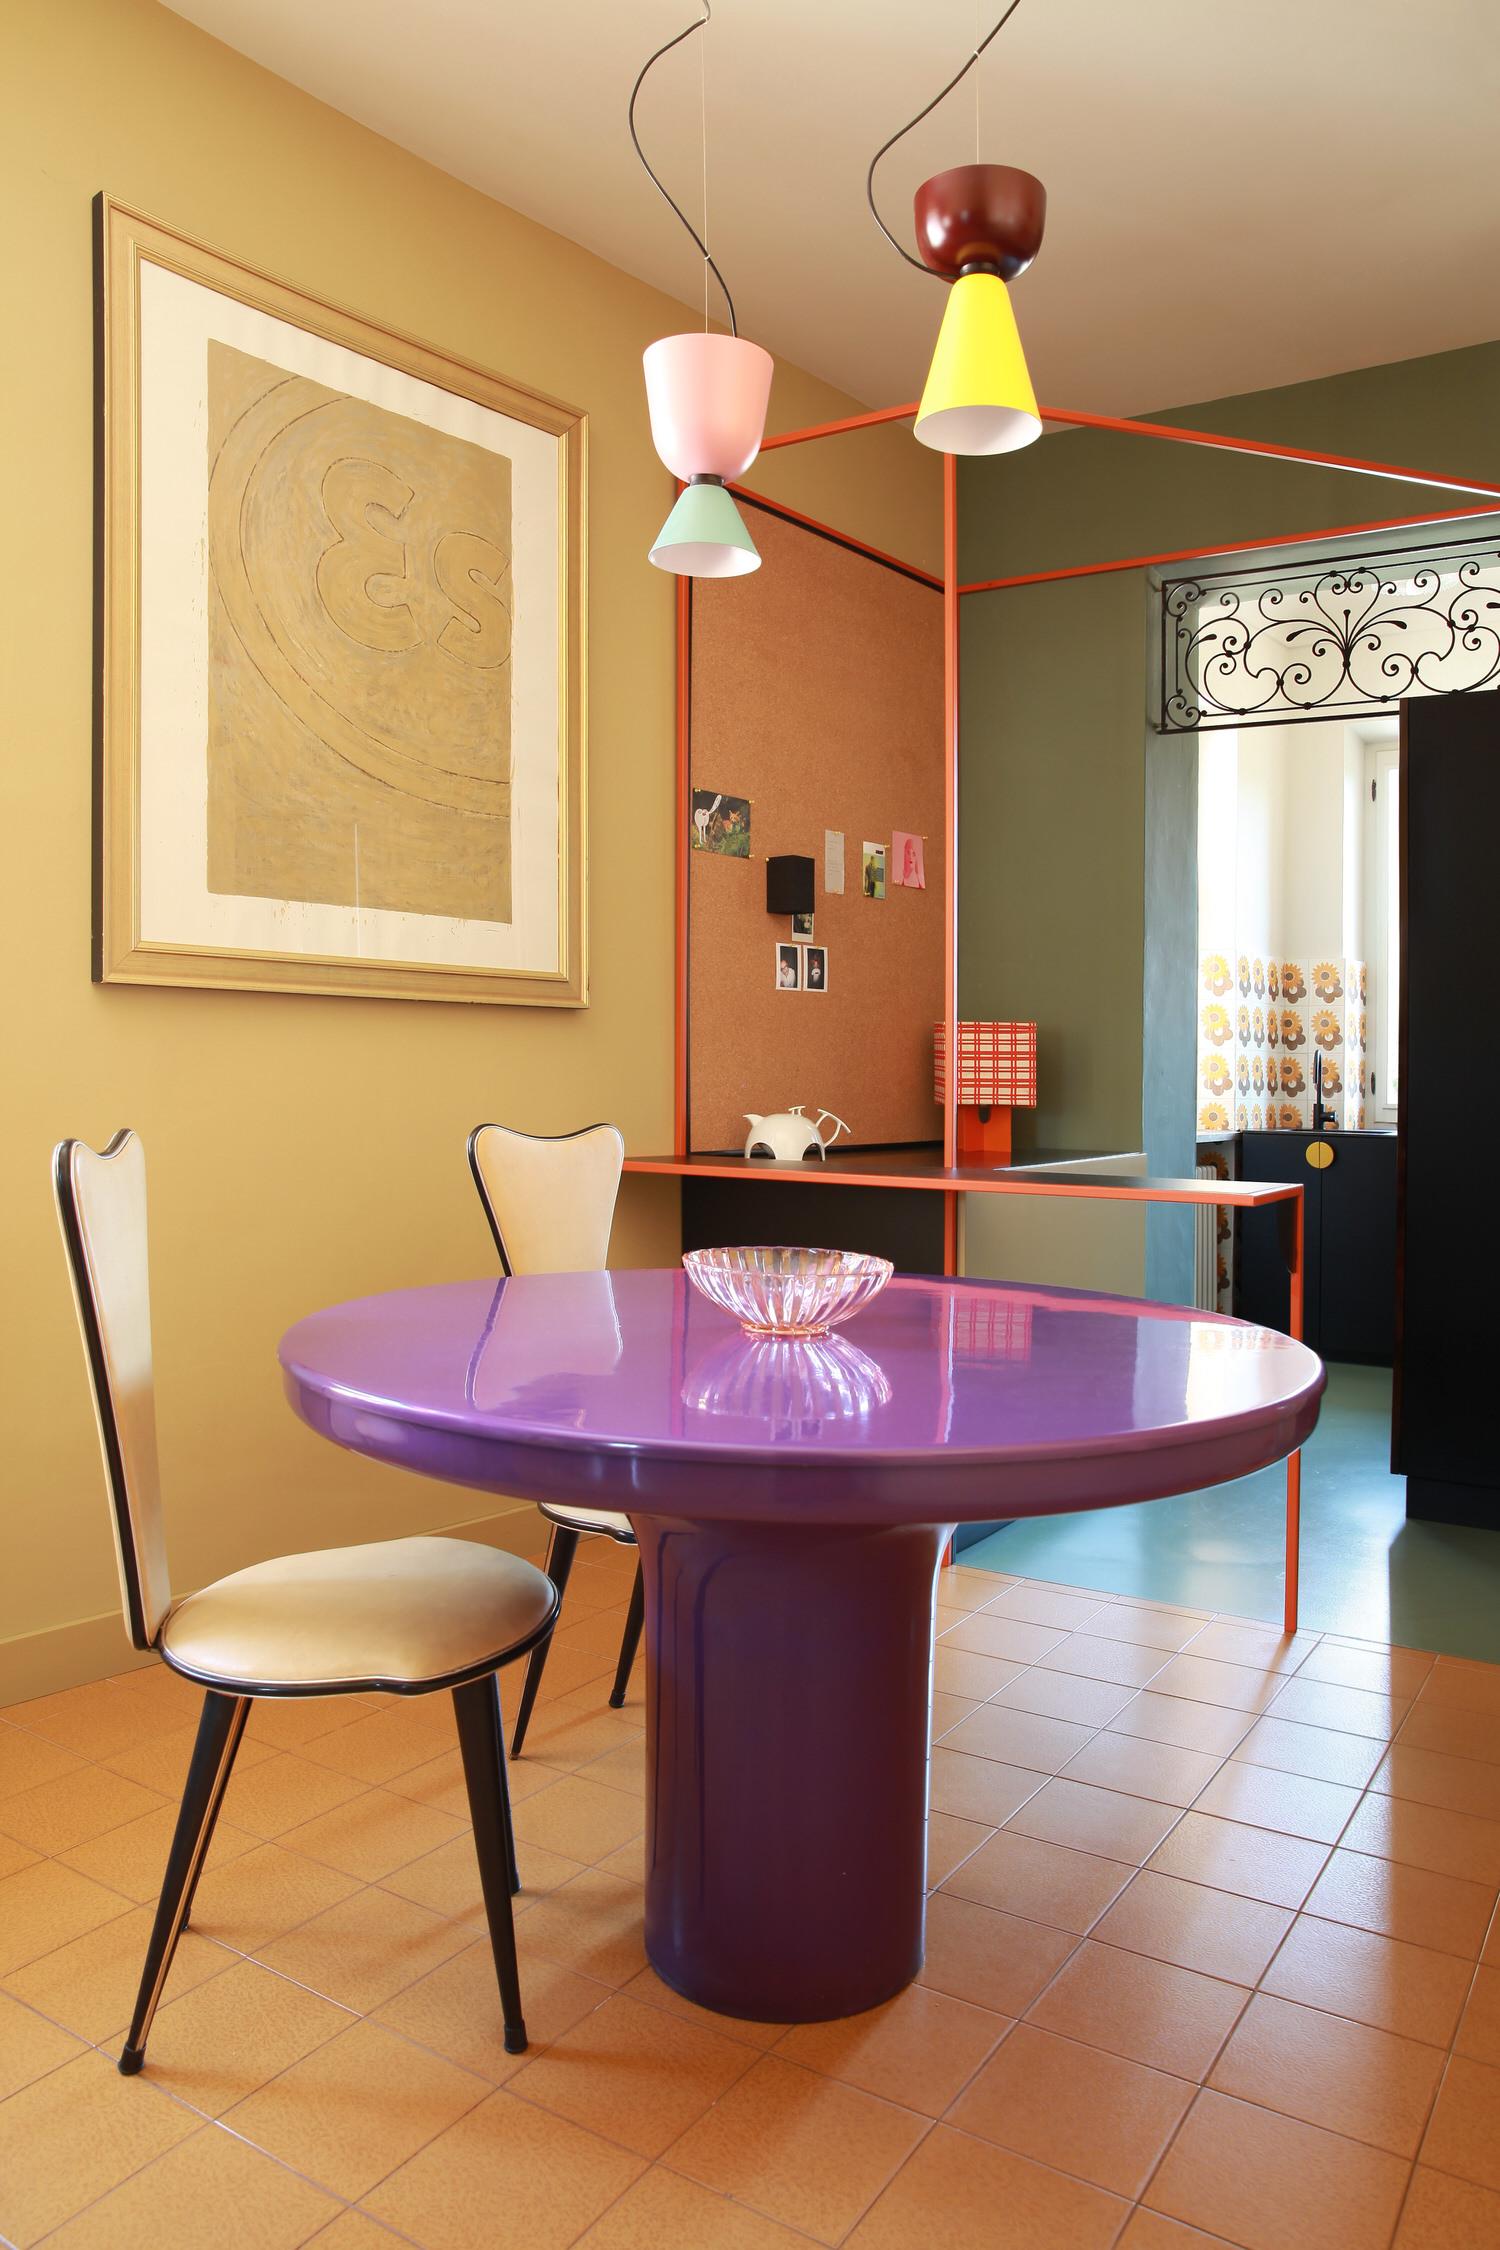 Marcante Testa Private House Renovation Cavallermaggiore Photo Carola Ripamonti Yellowtrace 19